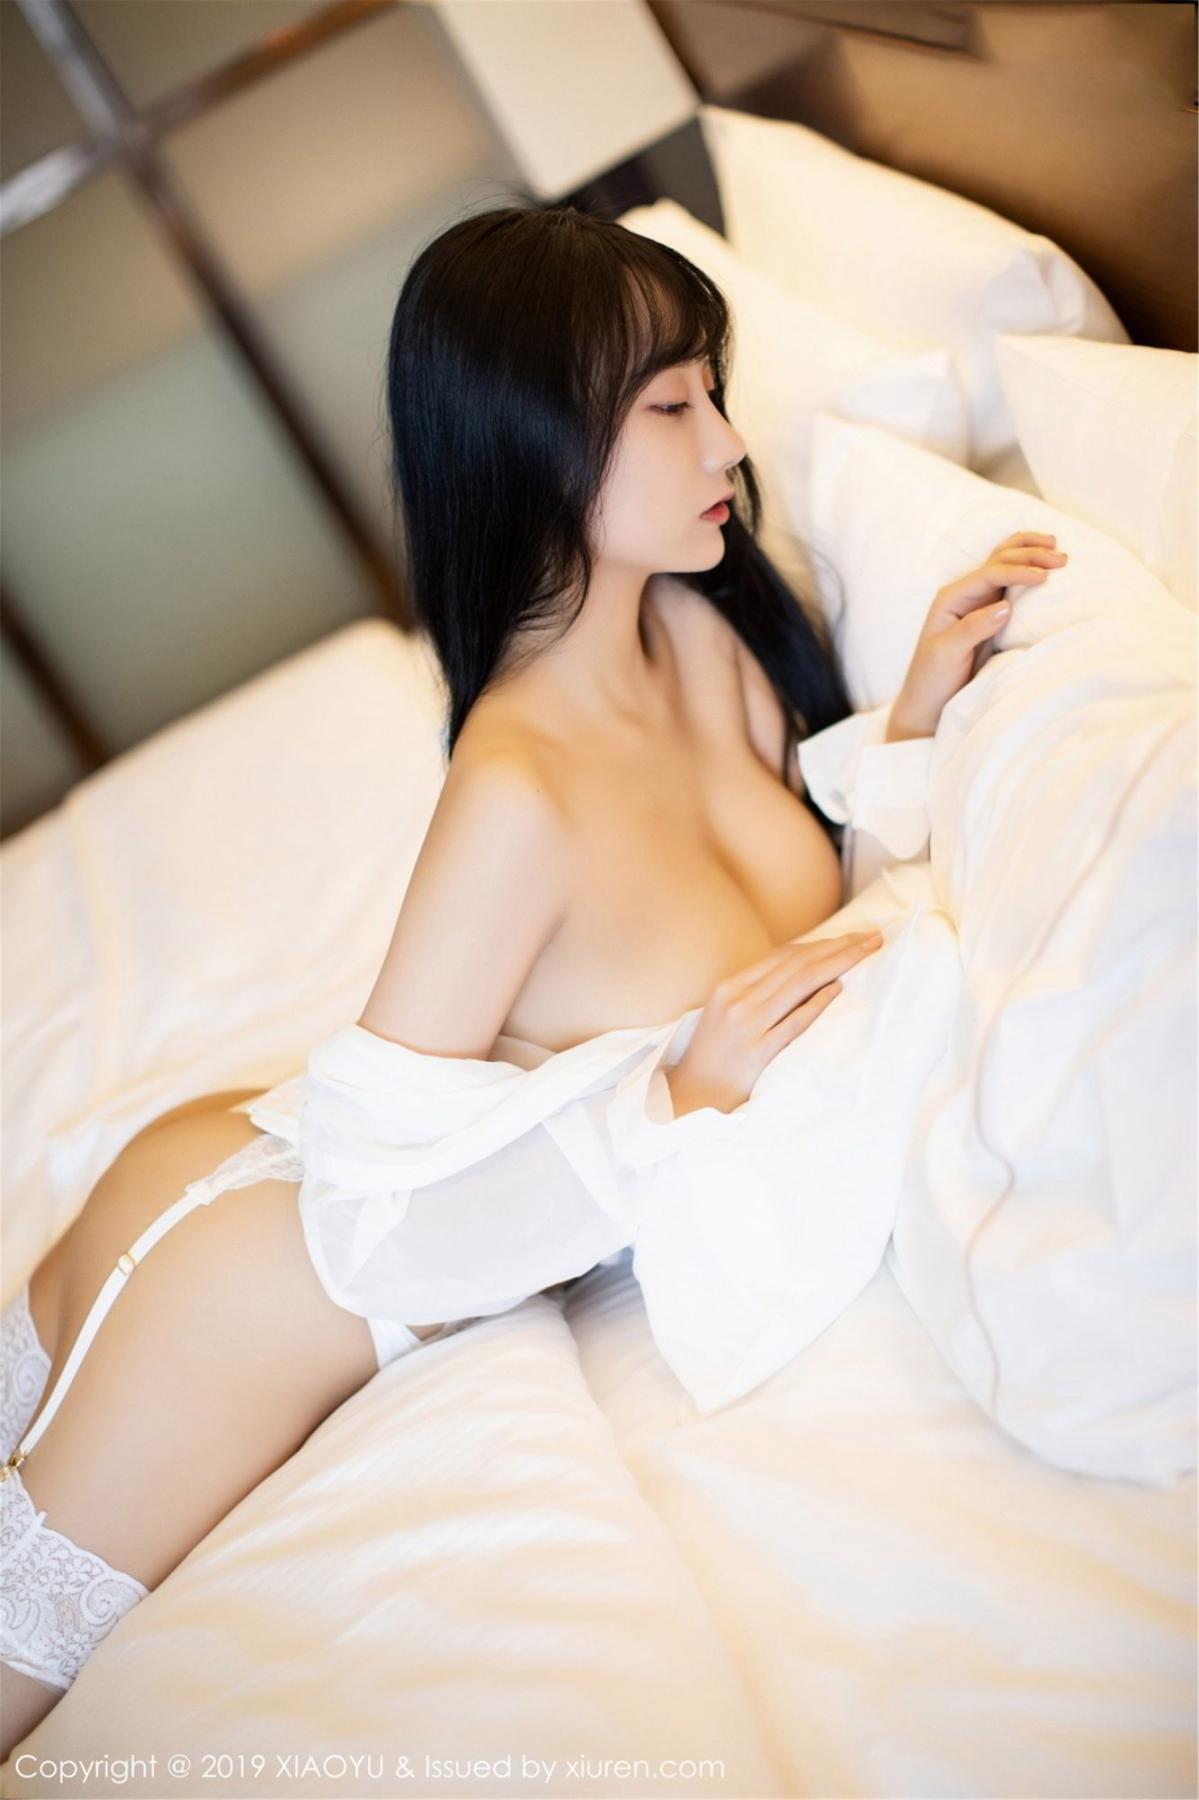 [XiaoYu] Vol.076 He Jia Ying 31P, He Jia Ying, Underwear, XiaoYu